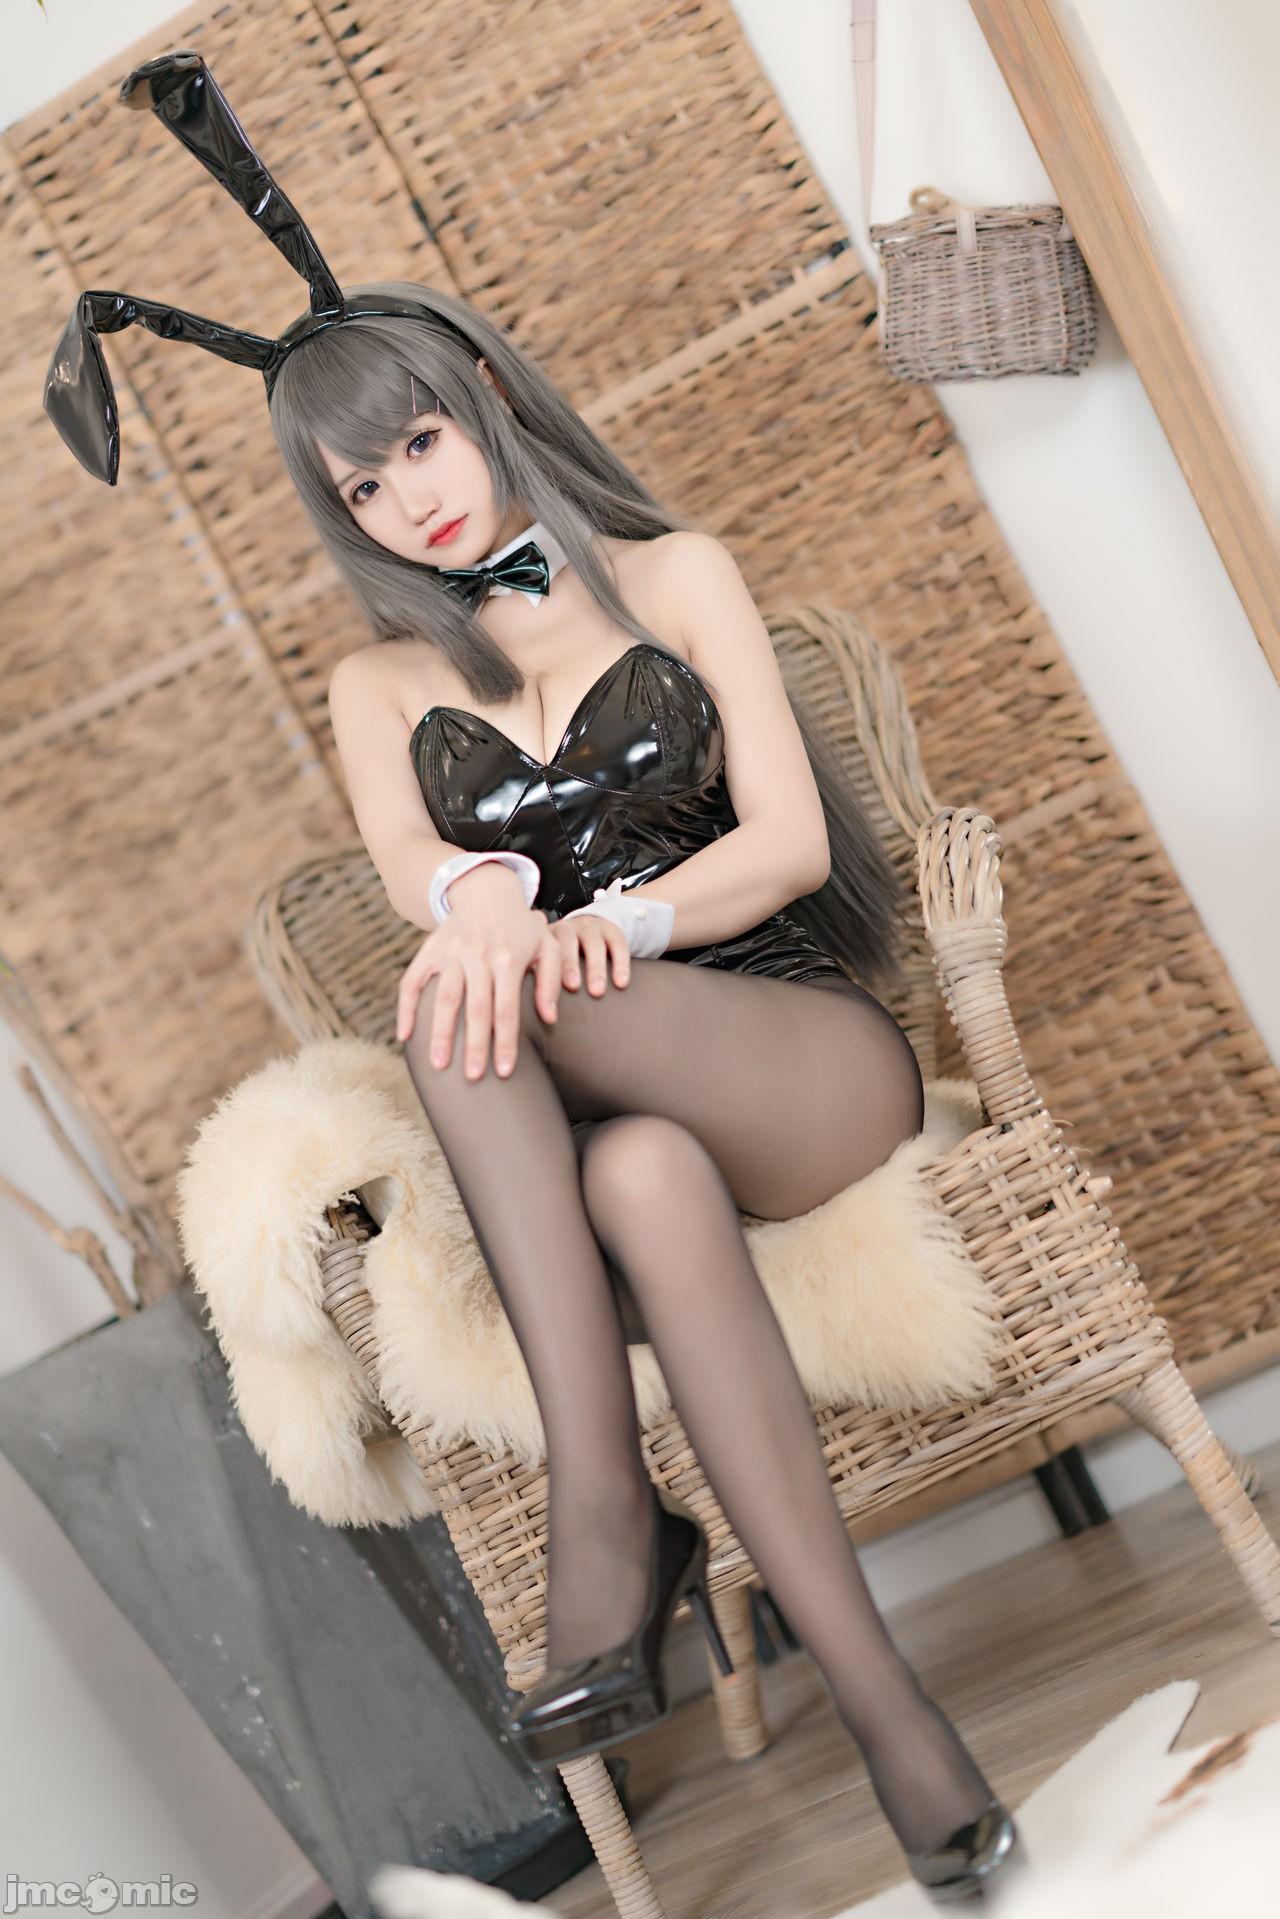 【小倉千代w】櫻島麻衣 兔女郎 - 貼圖 - 清涼寫真 -